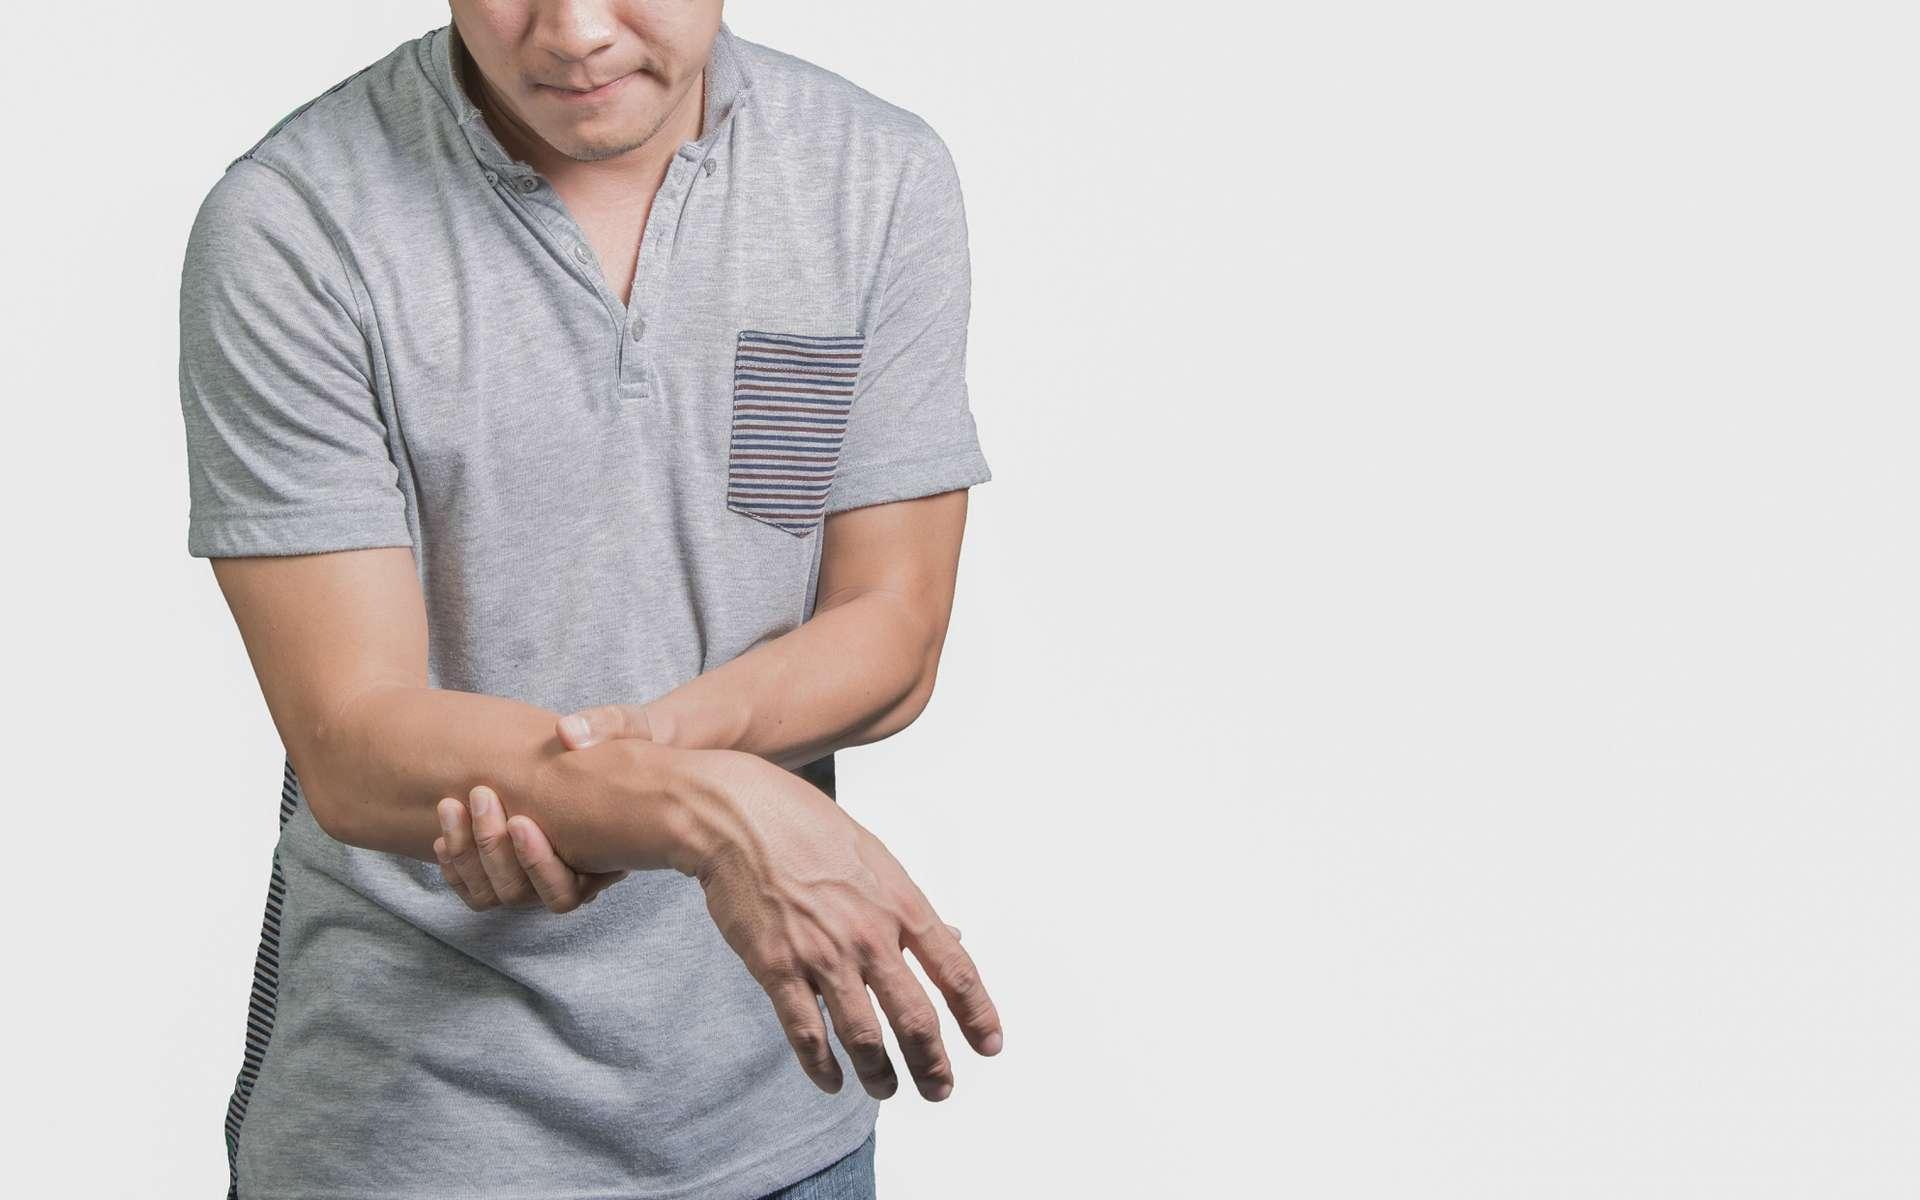 Le patient atteint du syndrome de Guillain-Barré a des sensations anormales au niveau des membres, pouvant évoluer vers une paralysie. © phugunfire, Shutterstock